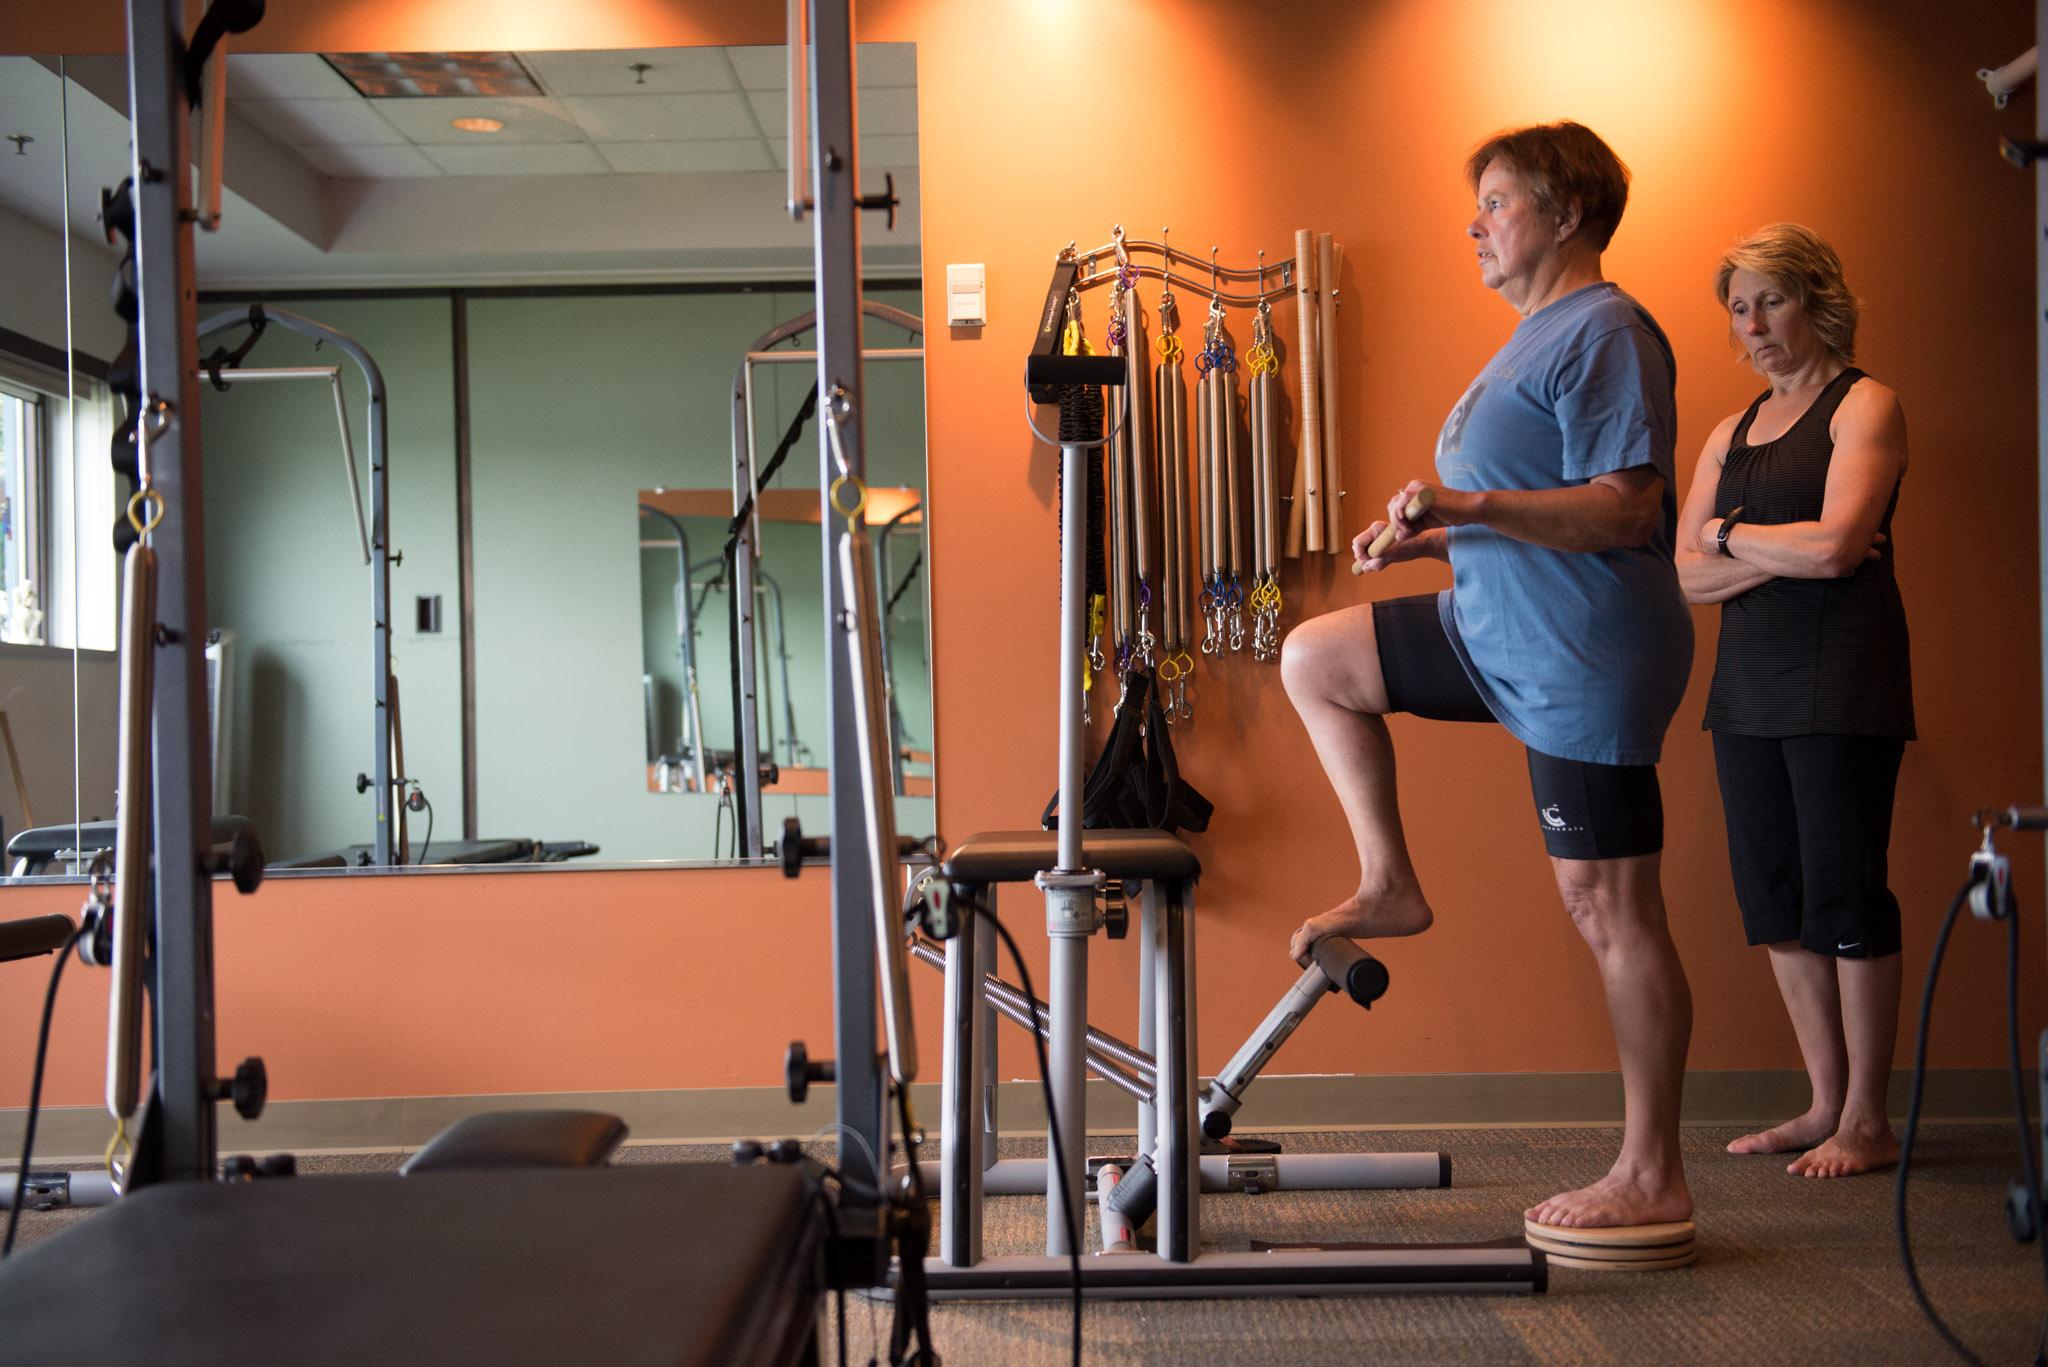 Wellness Center Stock Photos-1396.jpg